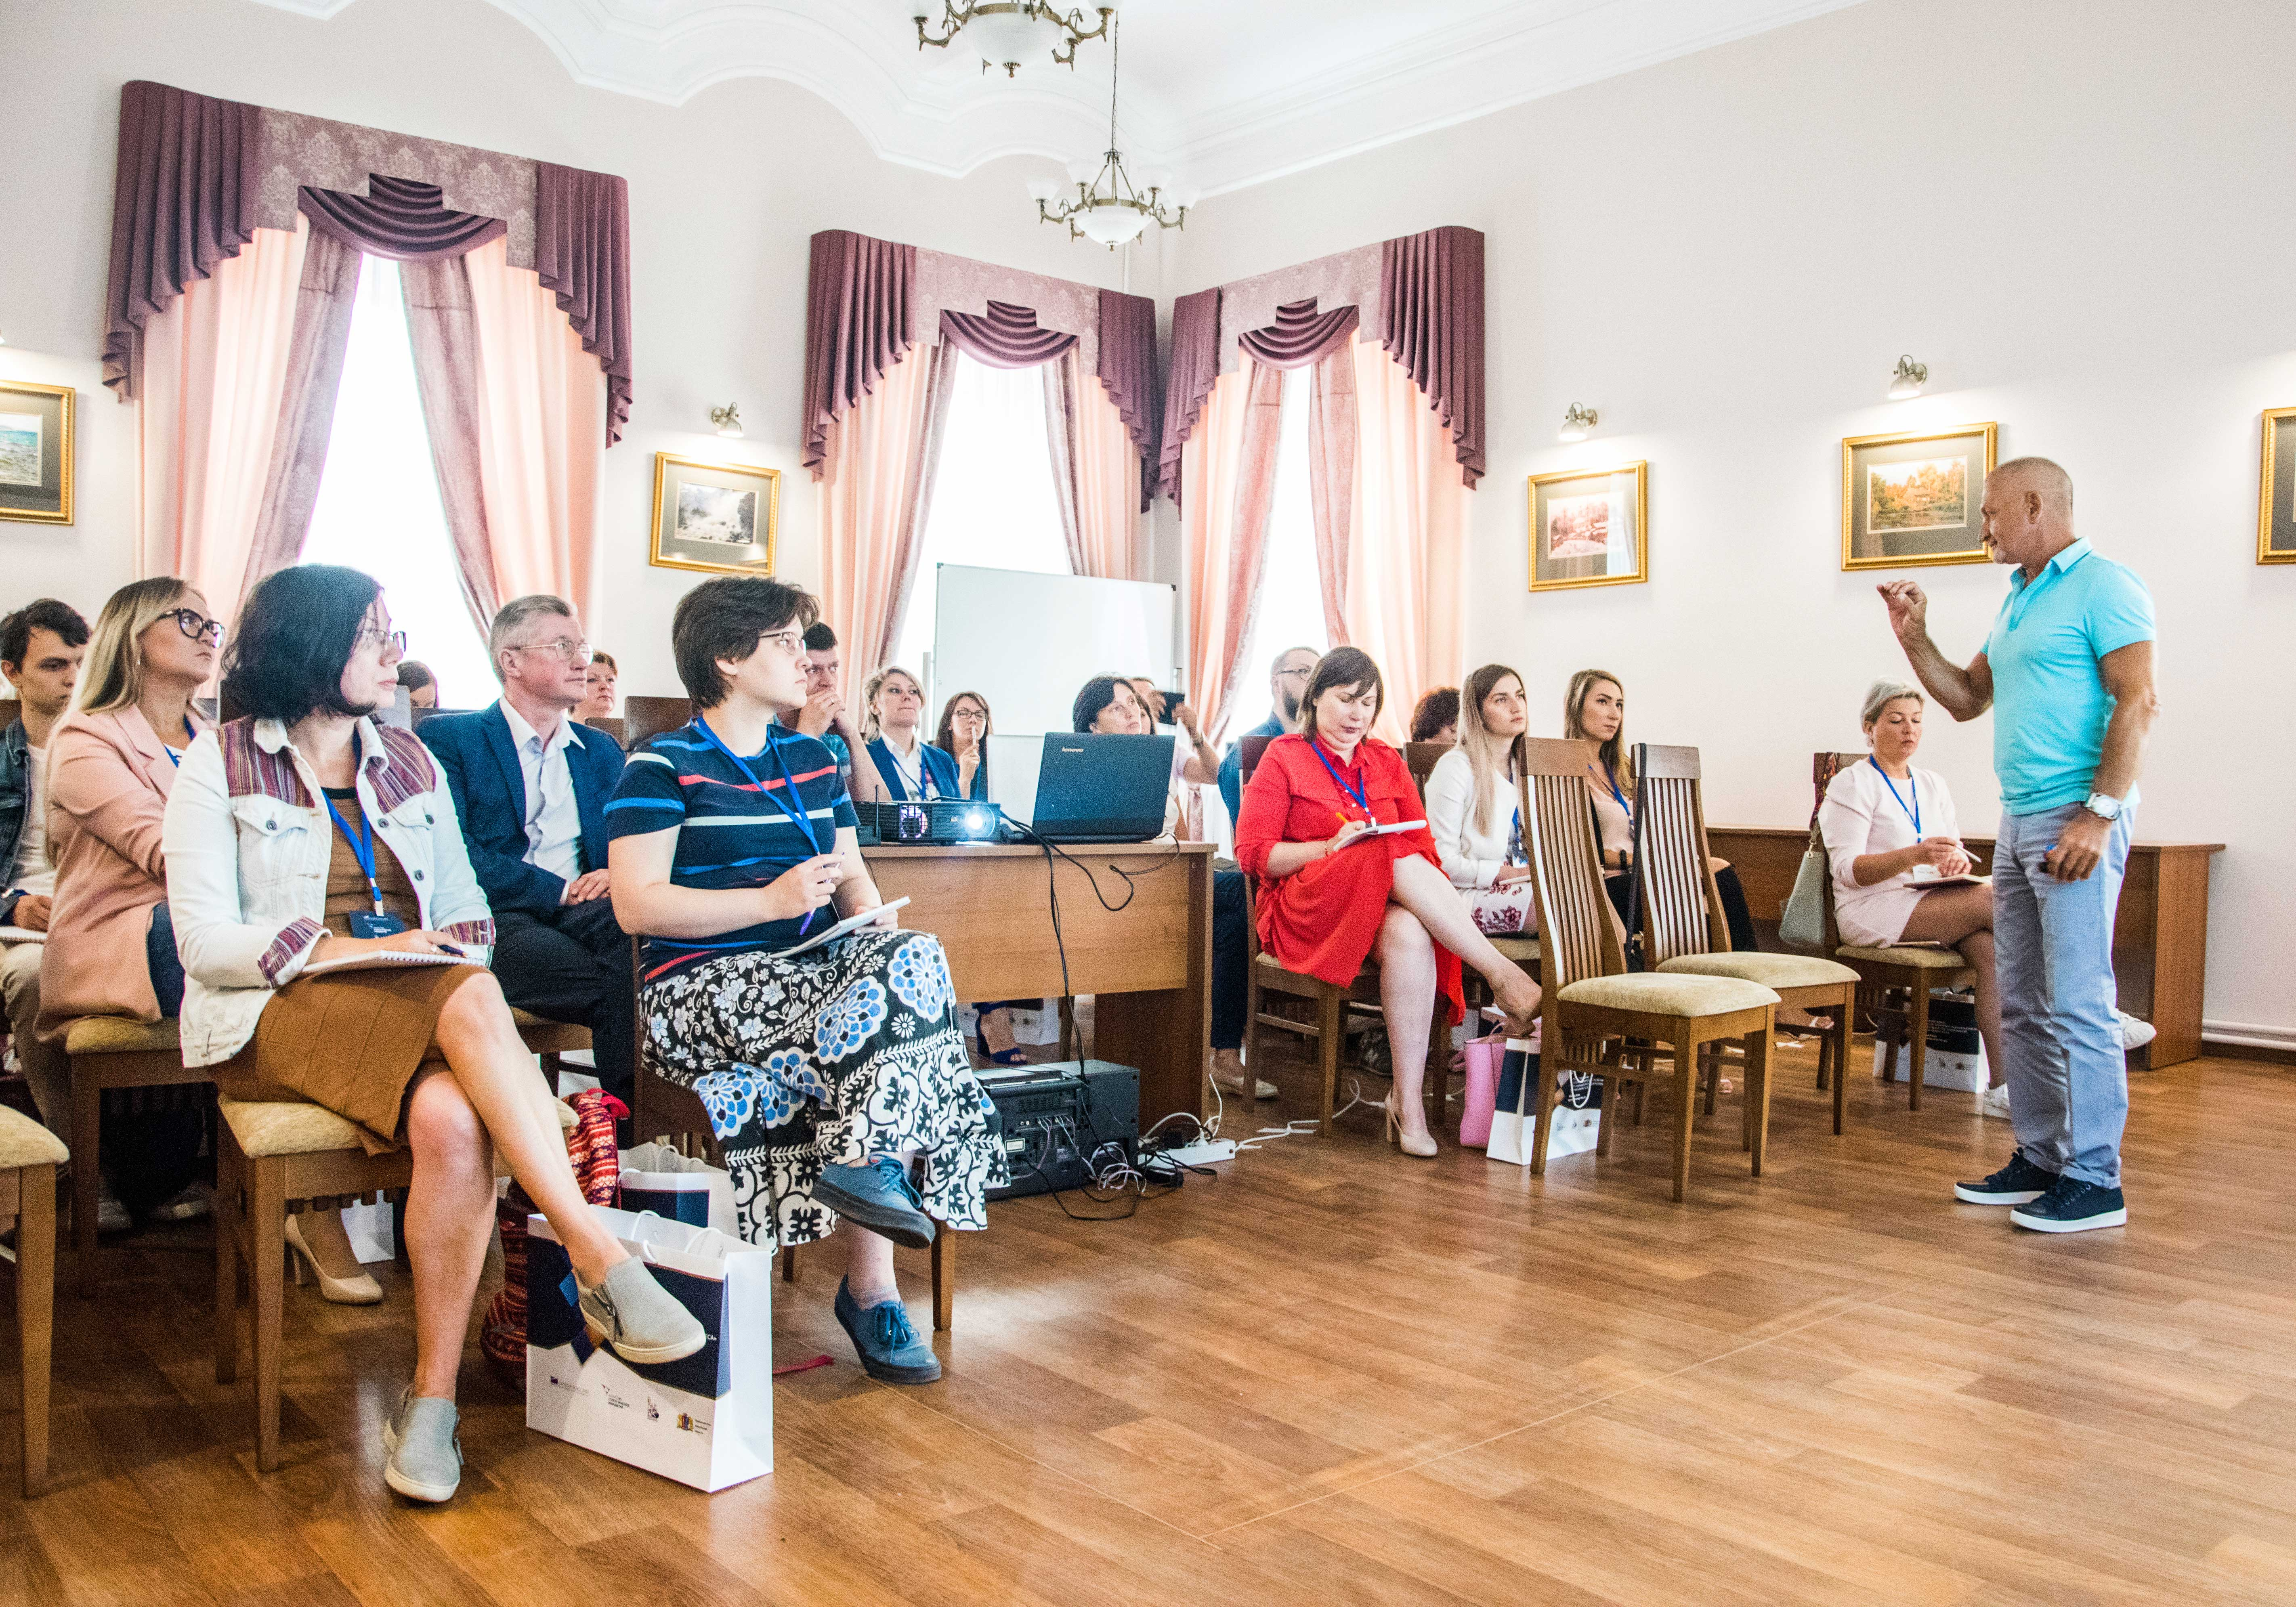 На базе Ивановского филиала РАНХиГС состоялся областной форум «Развитие территории – развитие бизнеса». Программа Форума включала кейс-конференцию, общественную приемную для предпринимателей, мастер-классы и круглые столы для предпринимателей и чиновников, а также пленарную сессию